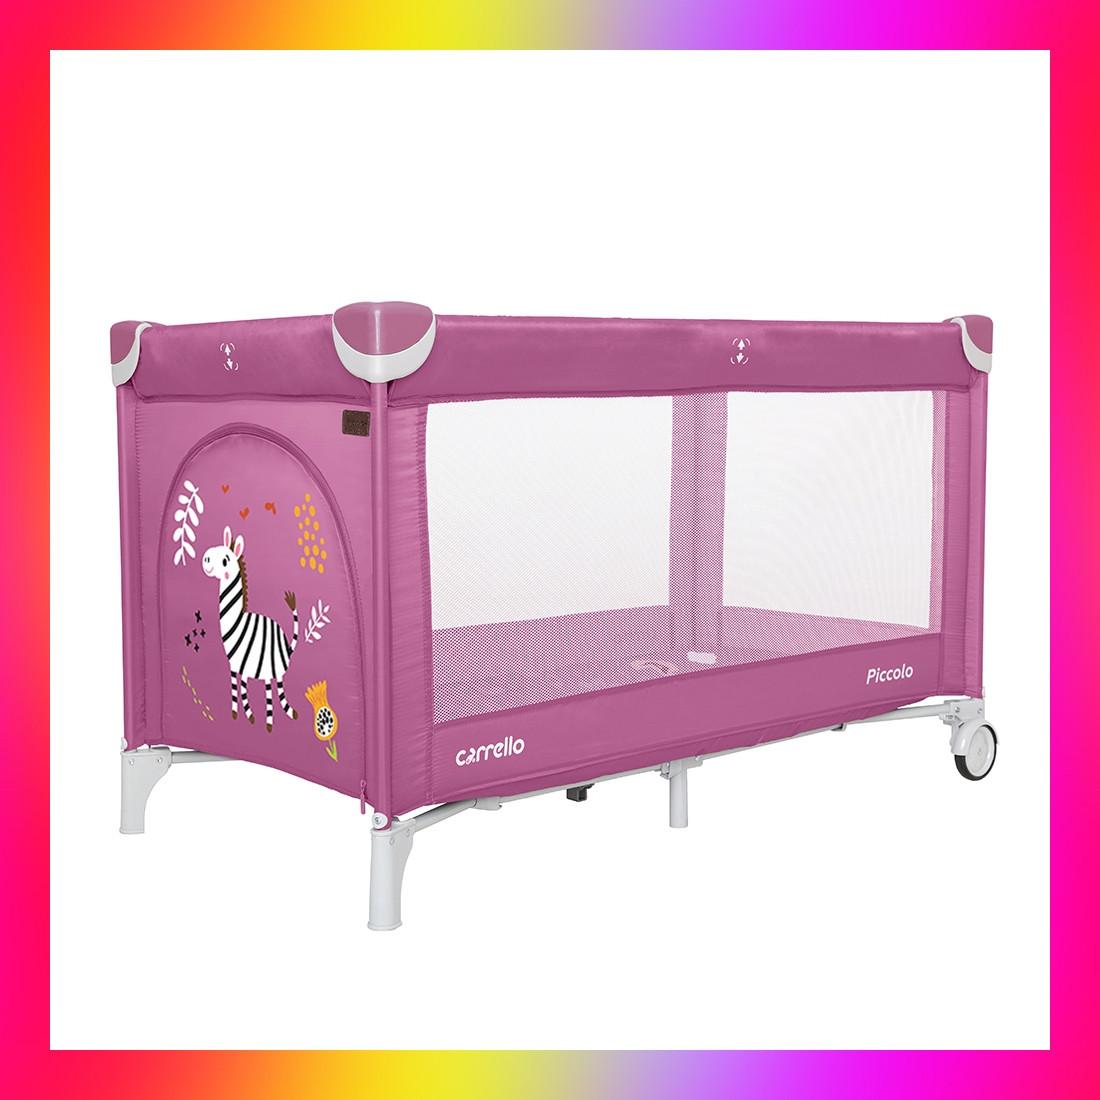 Дитячий манеж Carello Piccolo CRL-9203/1 Orchid Purple